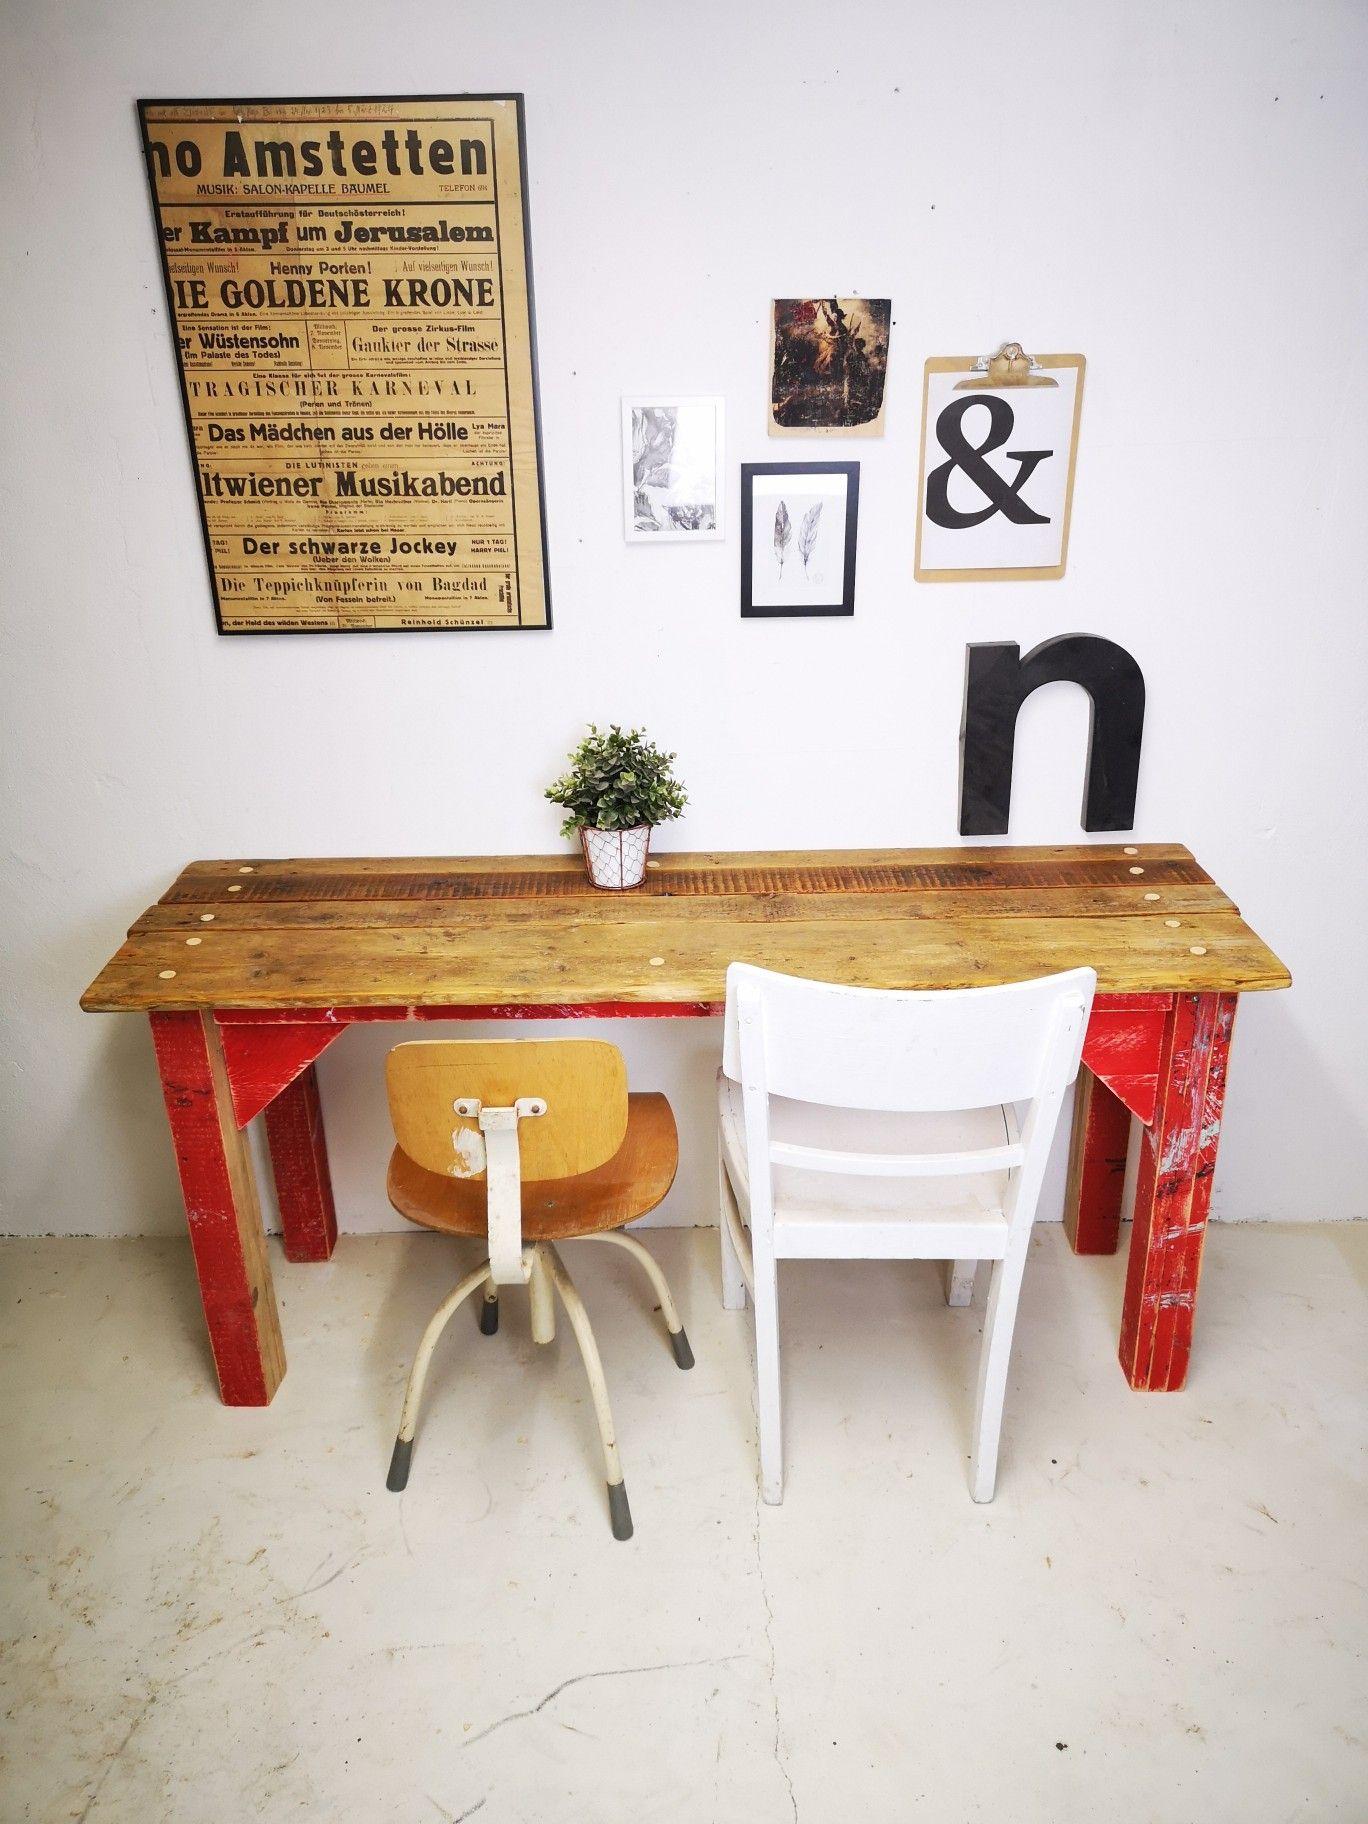 Werktisch Tisch Esstisch rustikal loft industrial Rot